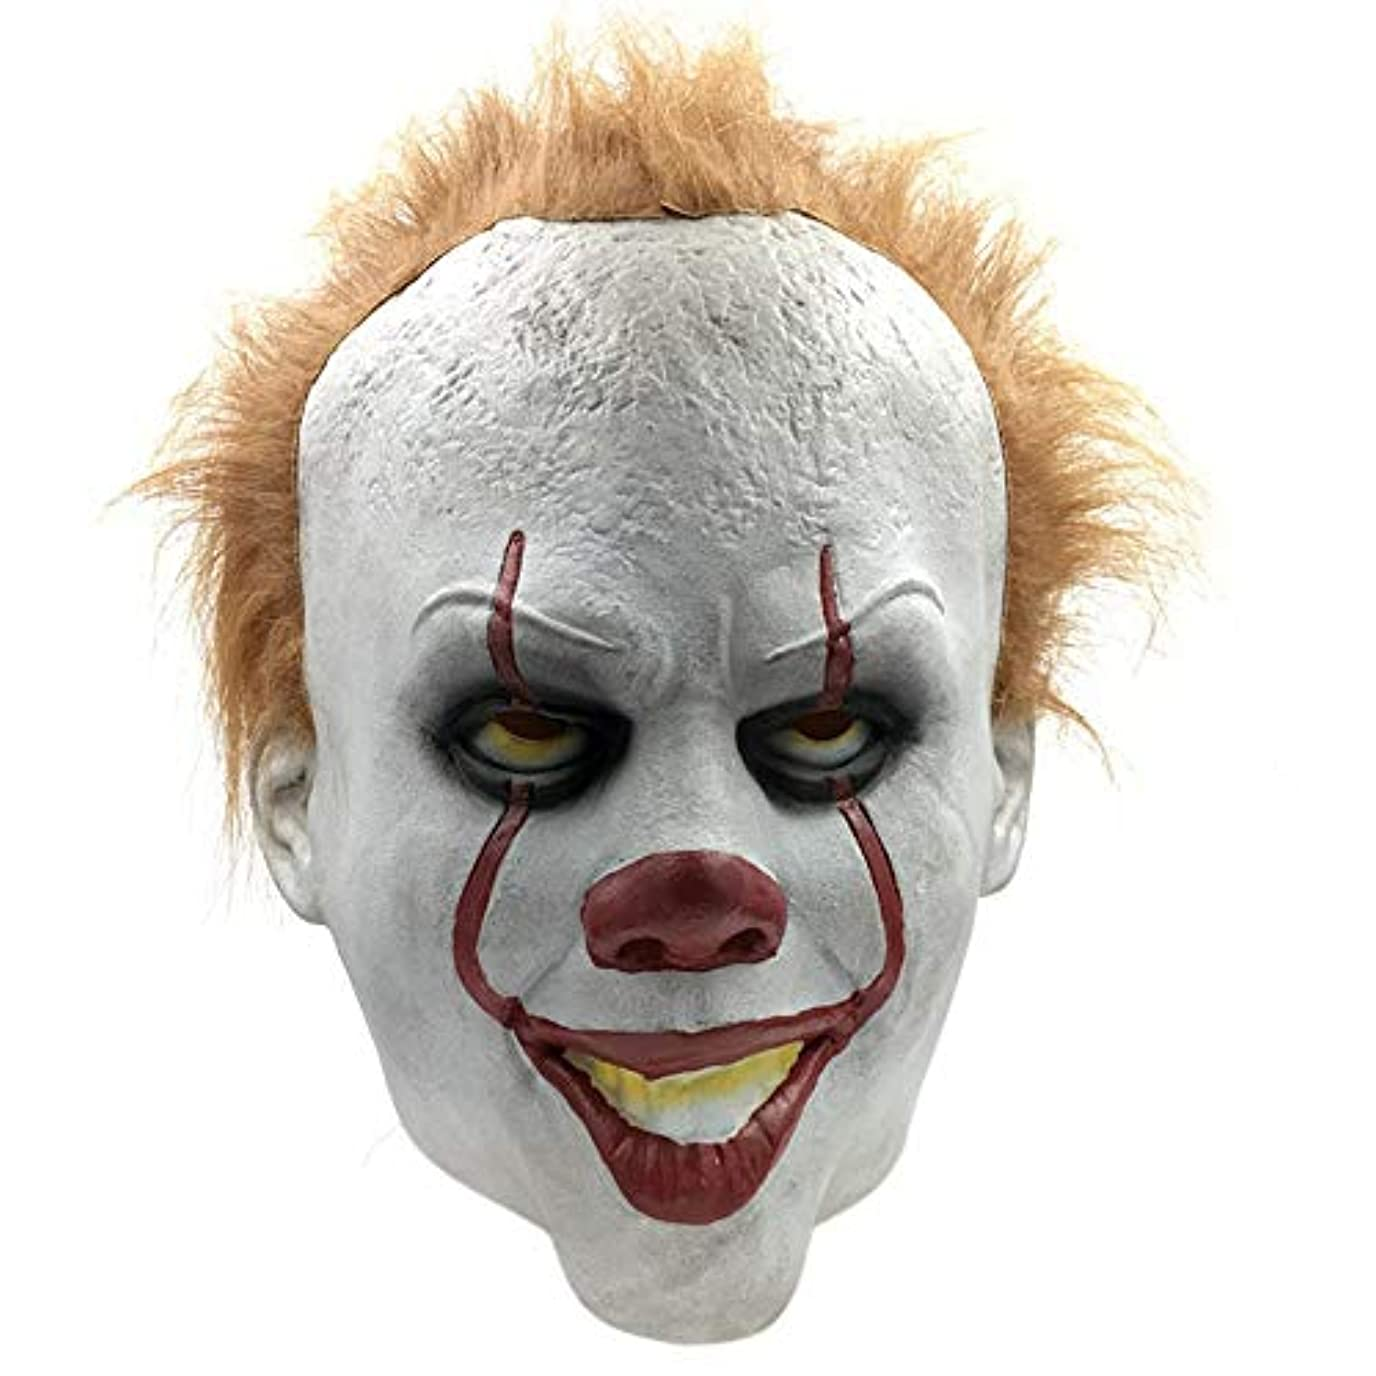 フォーカス全部きらめきハロウィン大人のラテックスホラーマスクしかめっ面マスクパーティーマスク怖い悪魔マスク映画小道具仮面舞踏会マスク